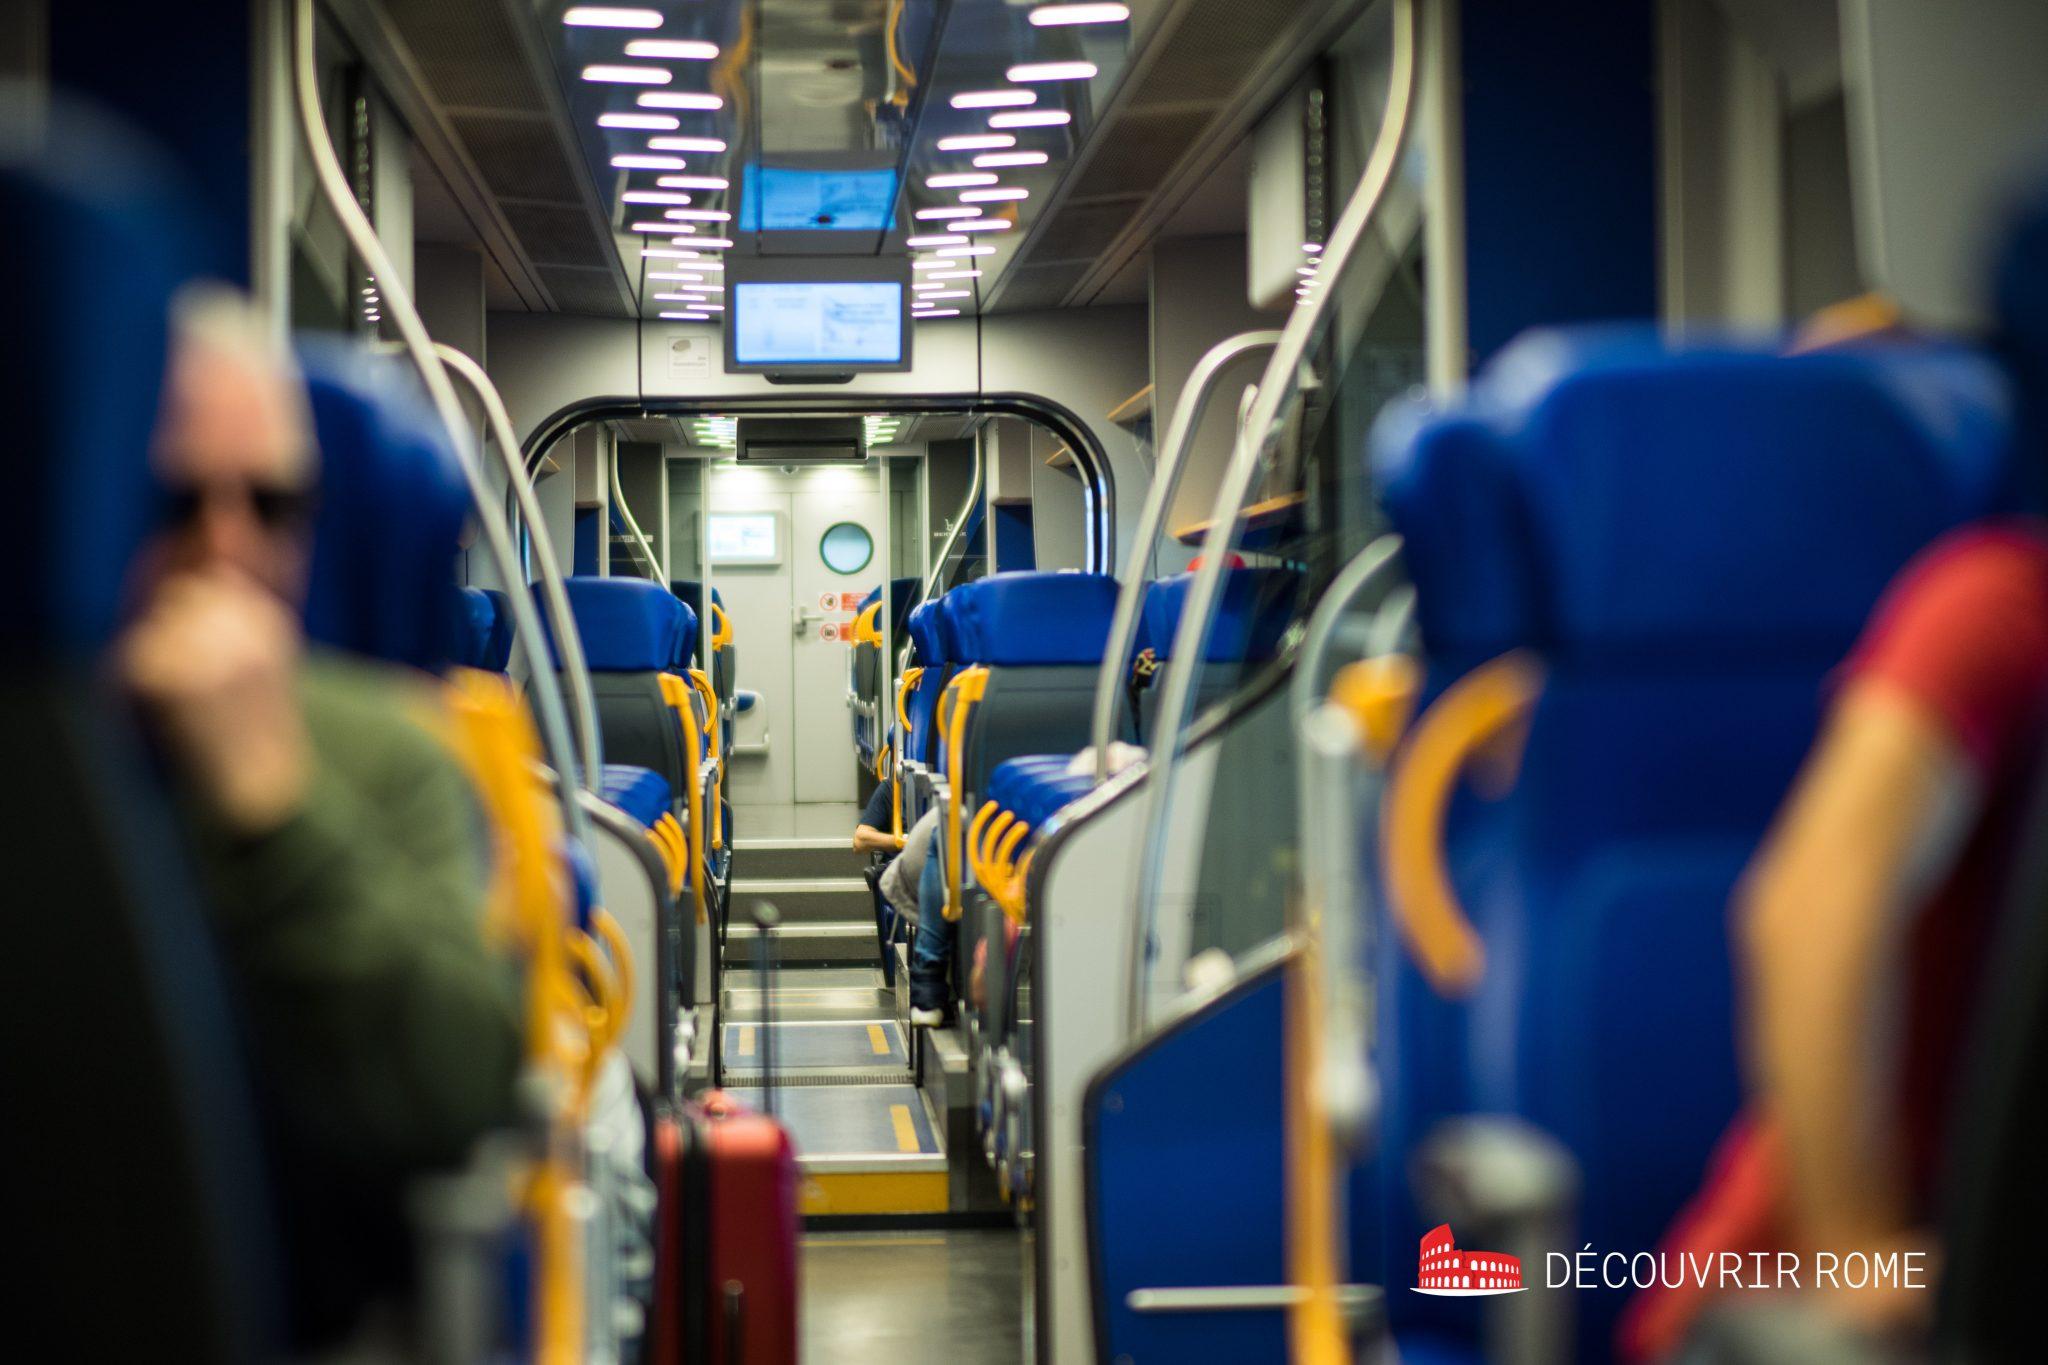 Leonardo Express Rome